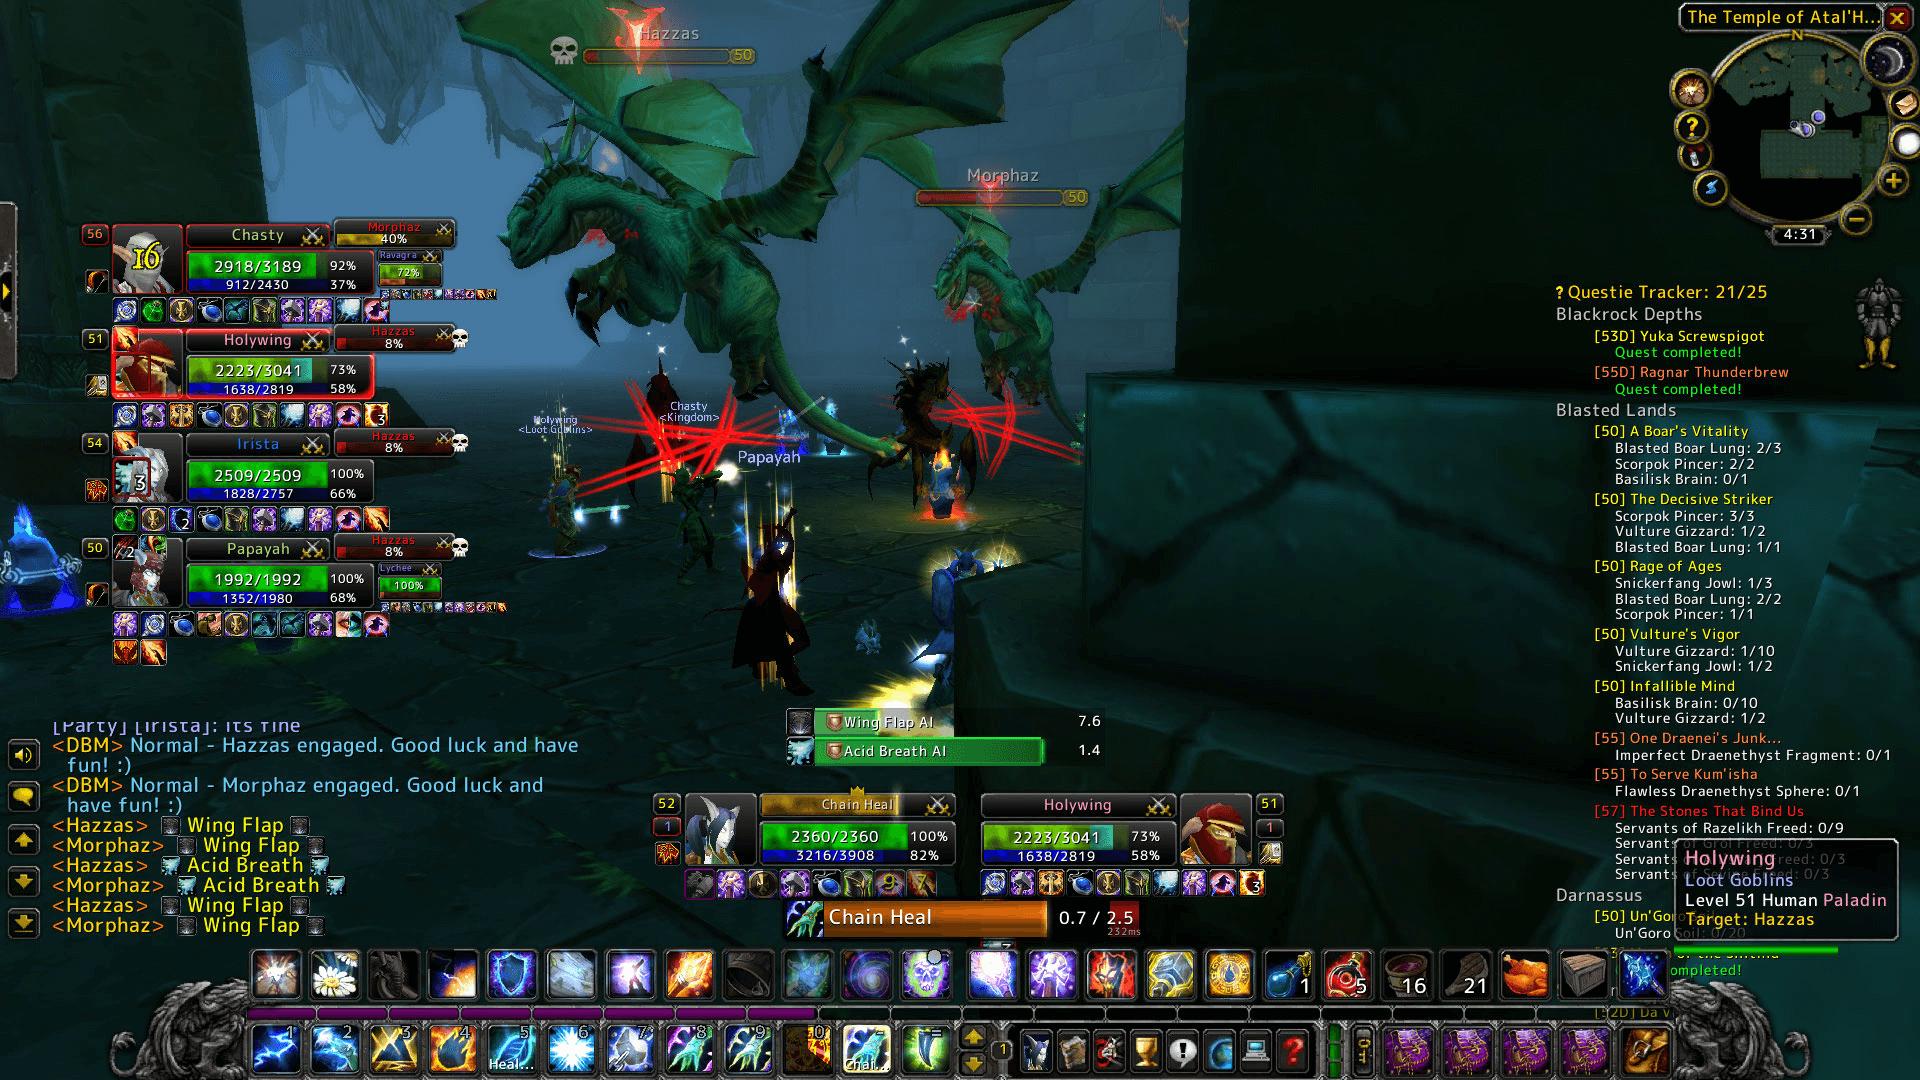 Green Dragonflight